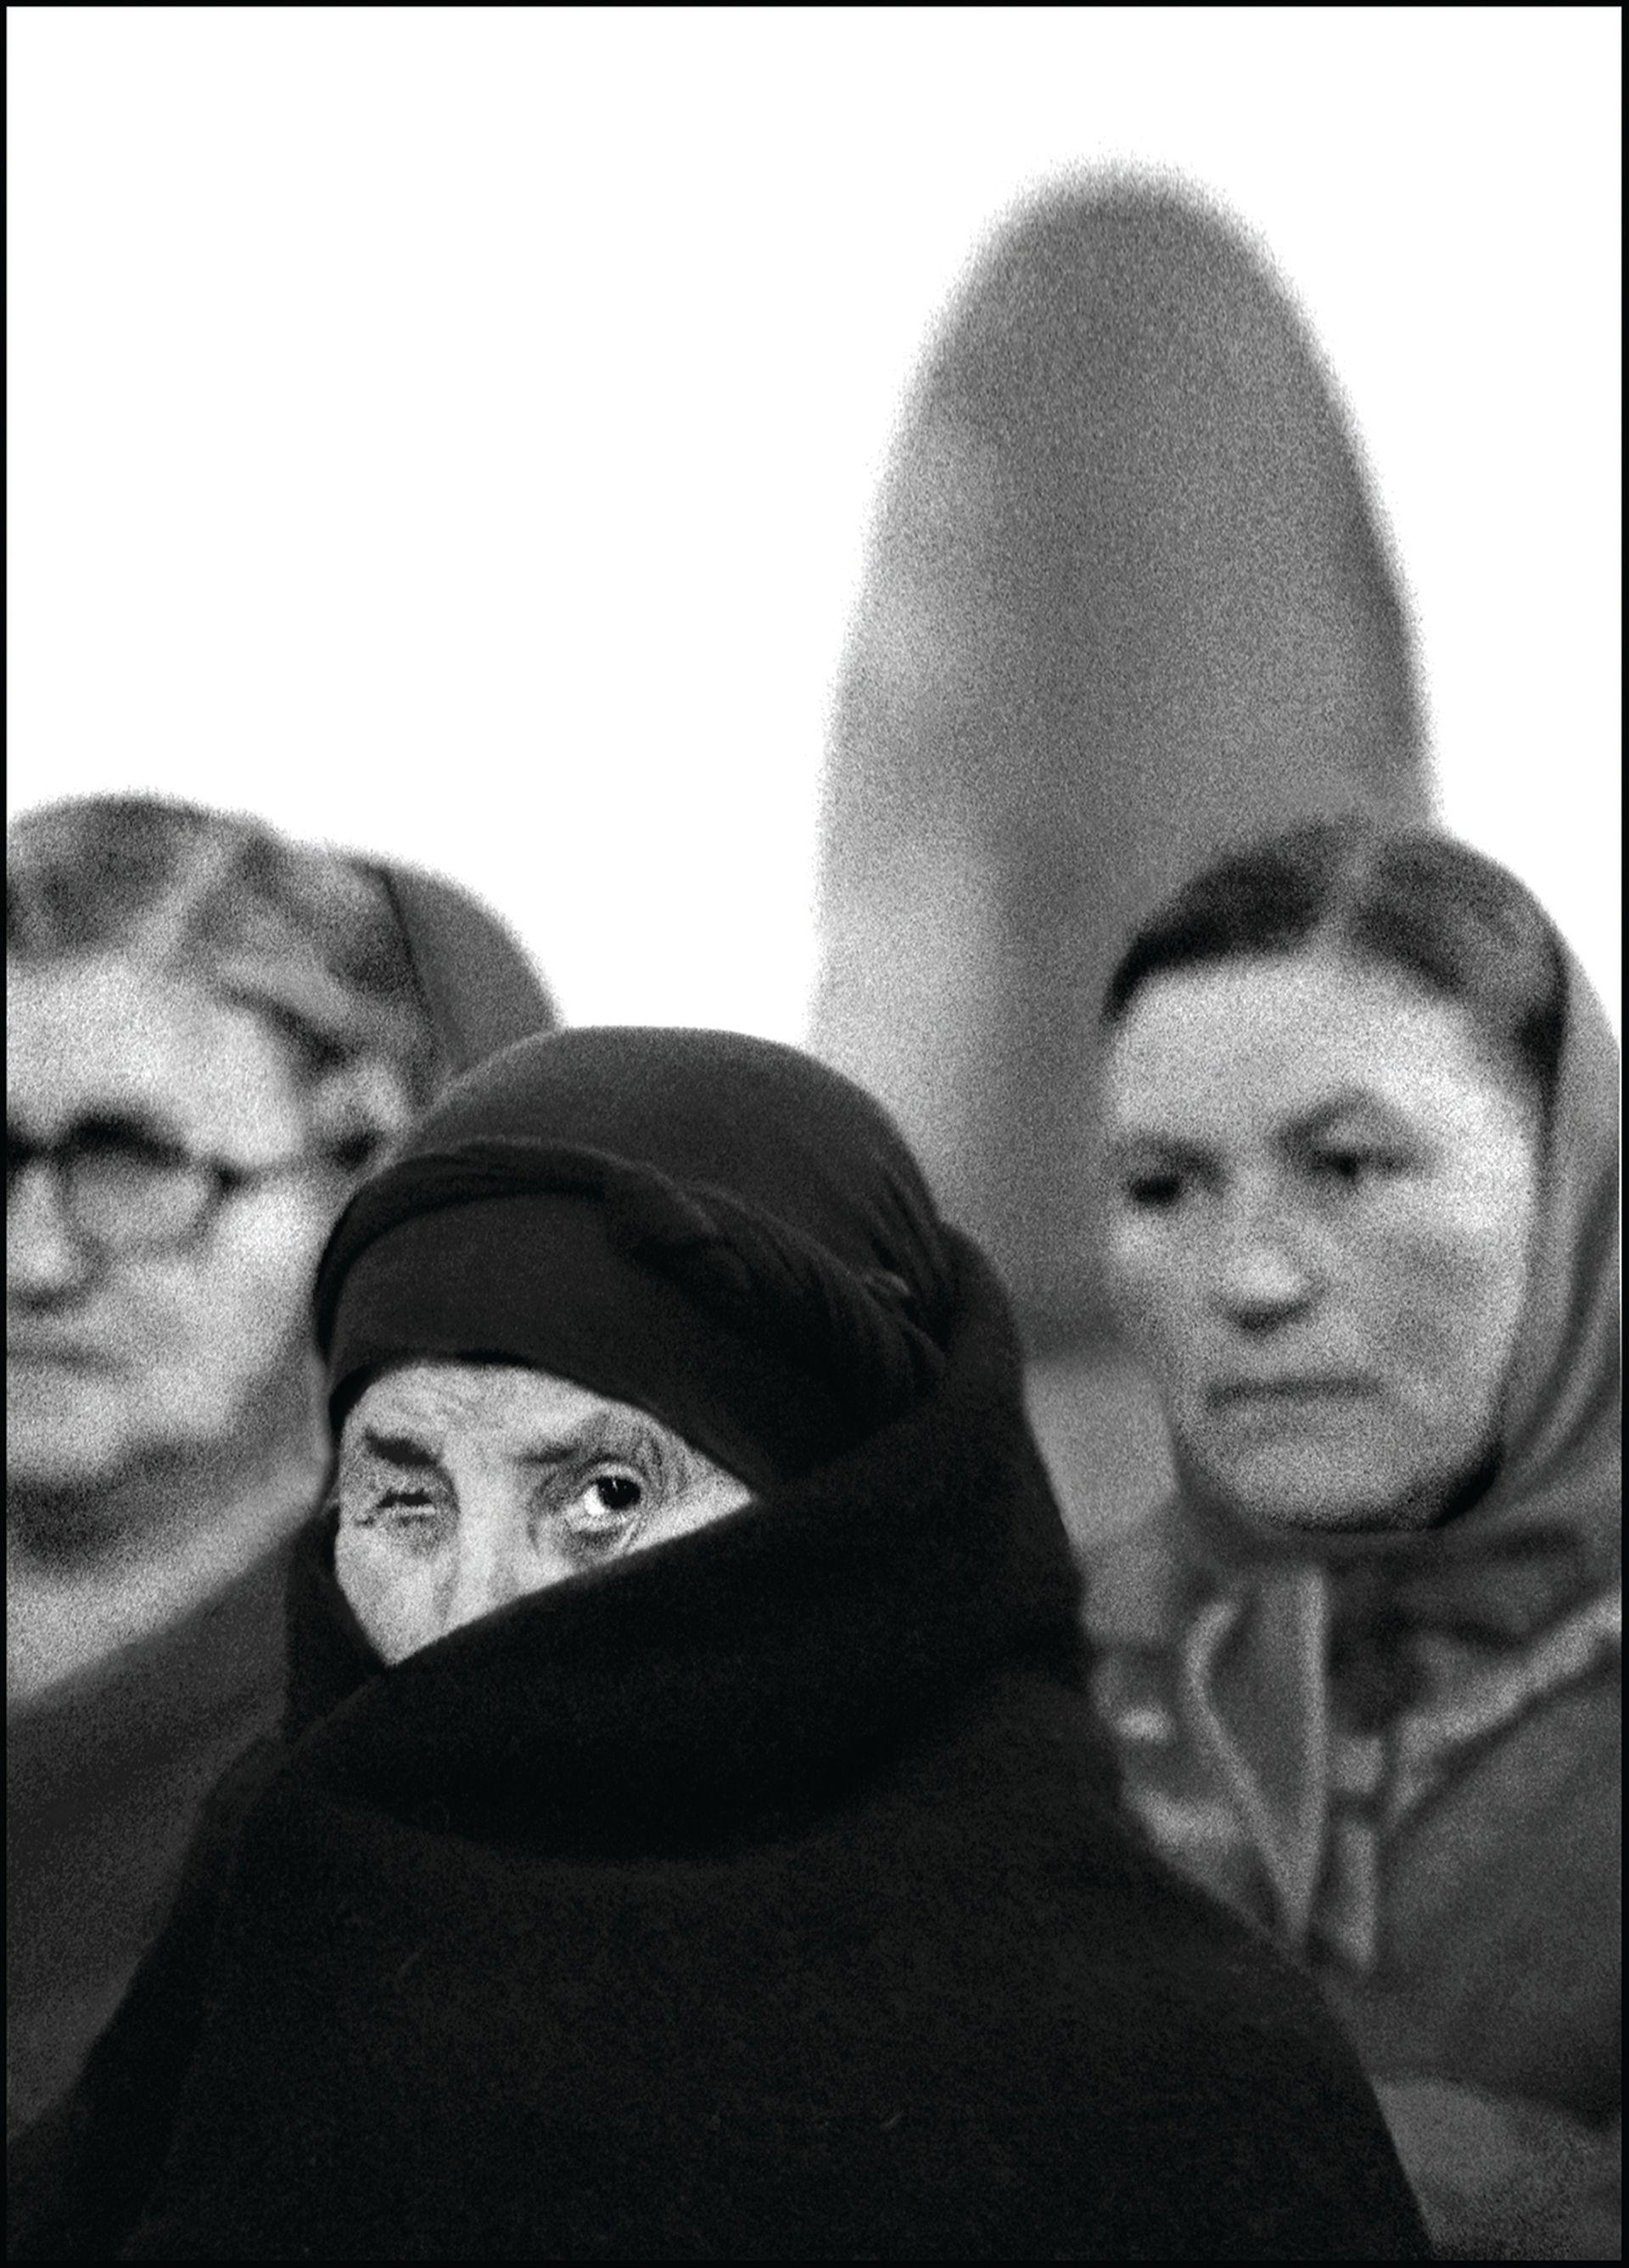 Torneros de la Valderia, Leon, 1980